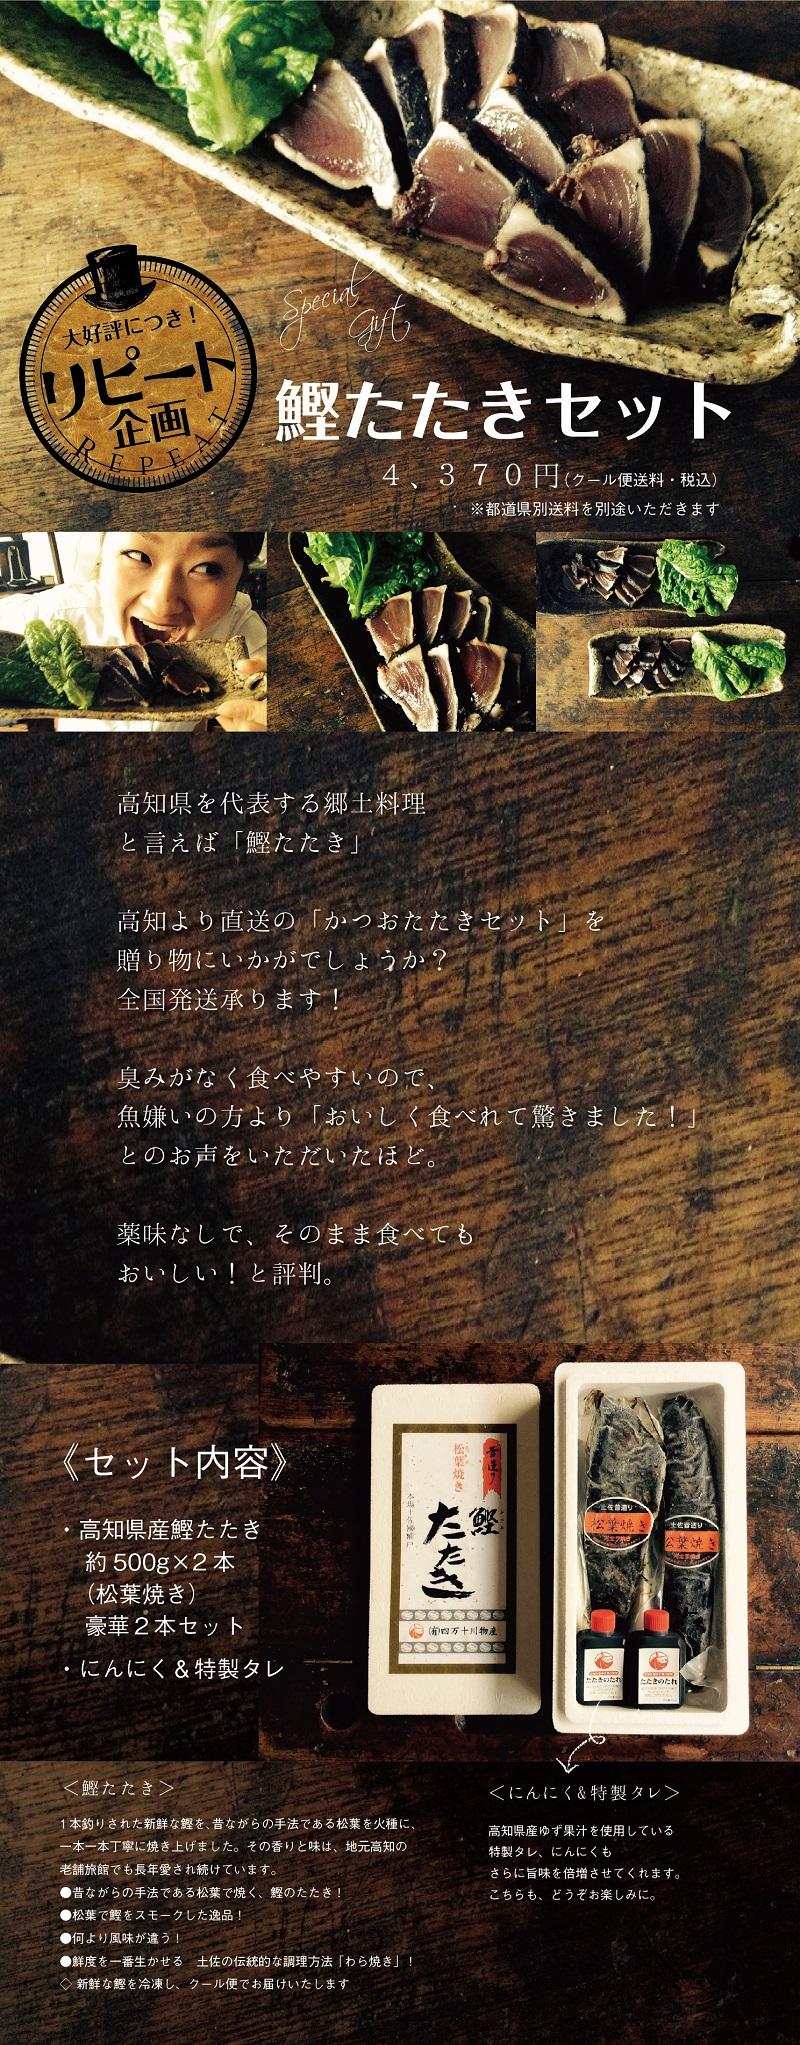 katsuo2021.jpg